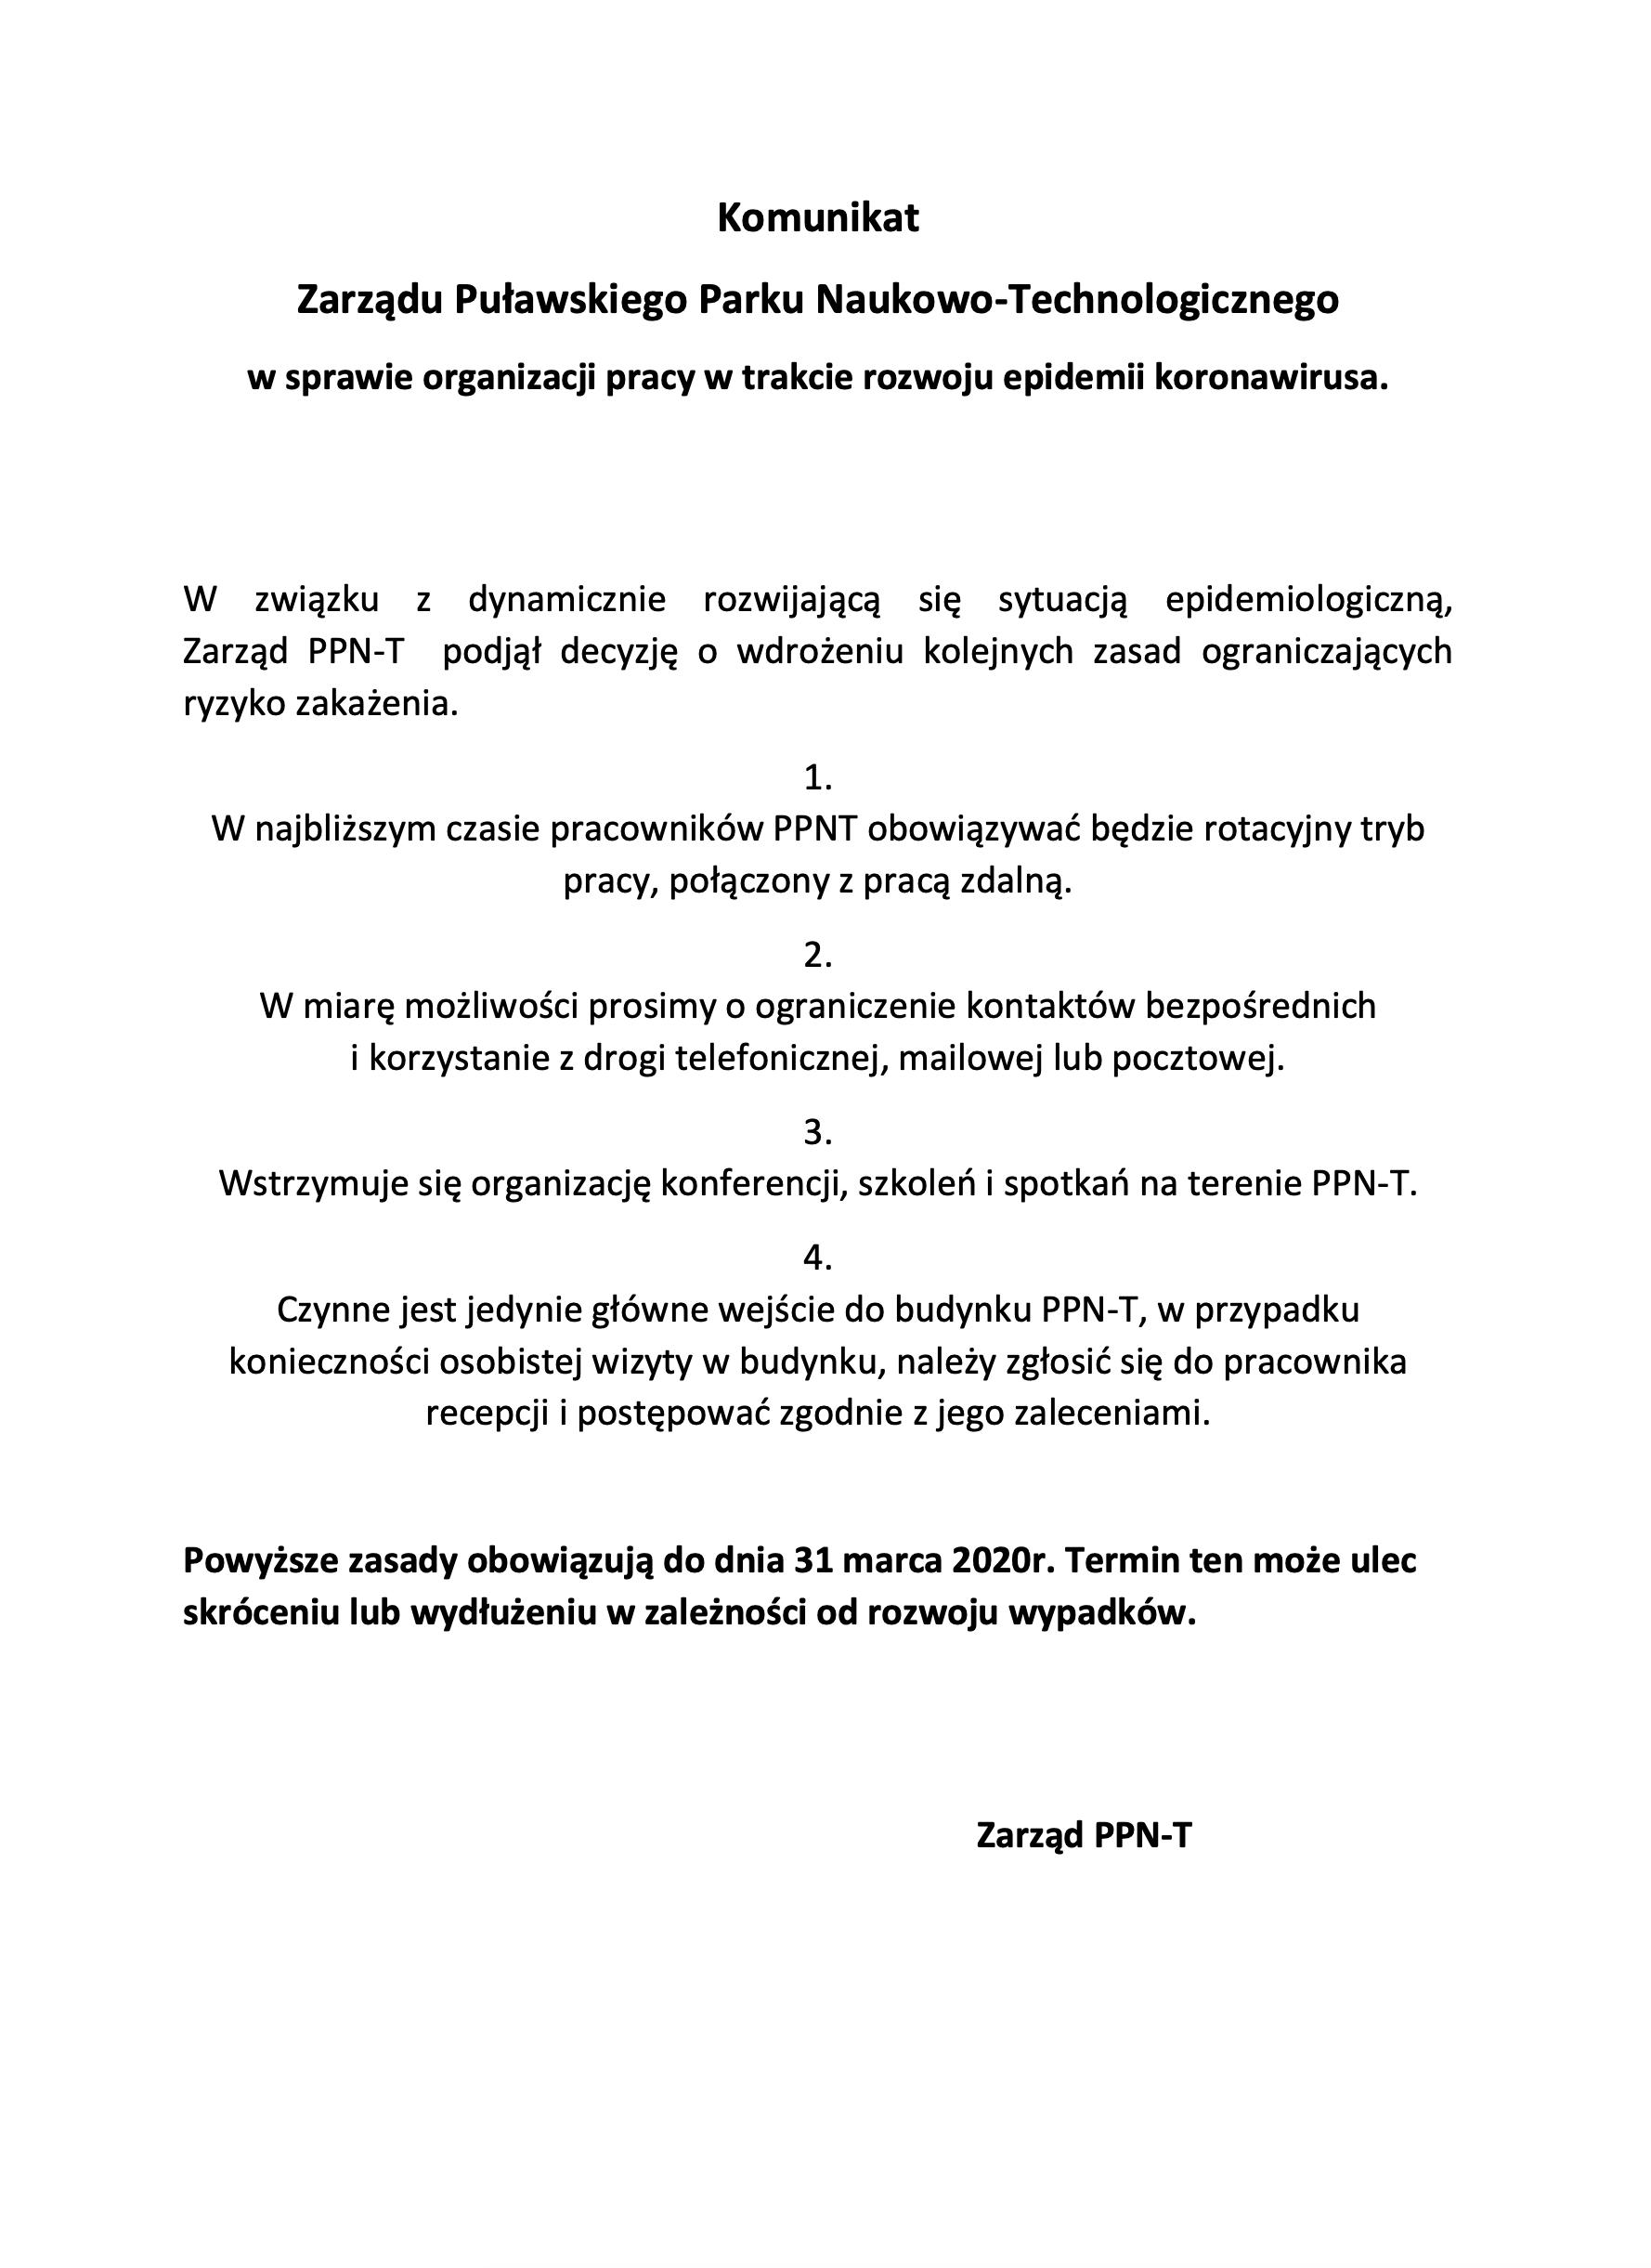 Komunikat Zarządu Puławskiego Parku Naukowo-Technologicznego